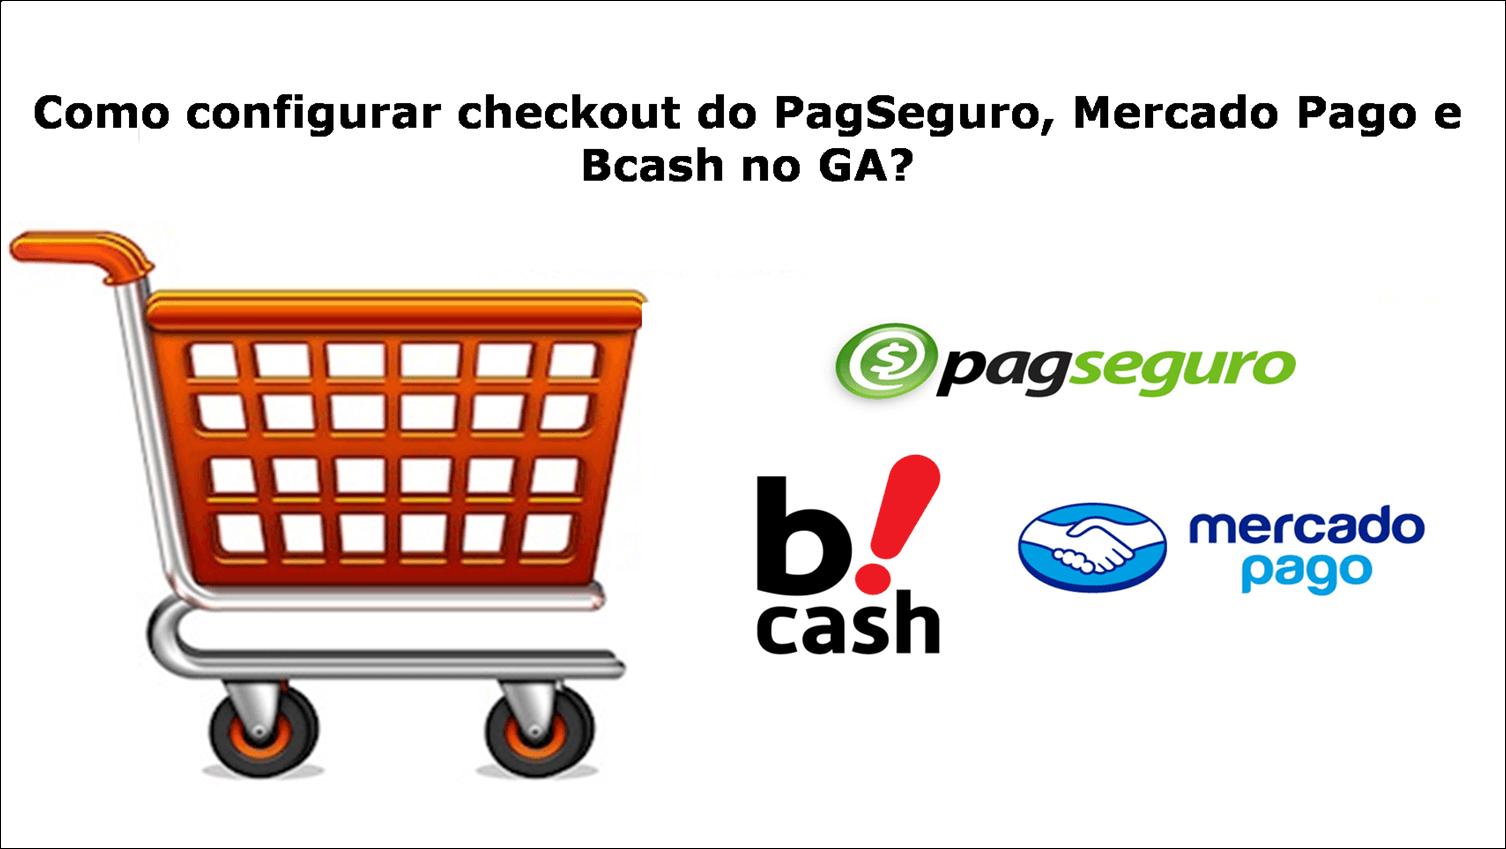 Como-configurar-checkout-do-PagSeguro-Mercado-Pago-e-Bcash-no-GA11.png